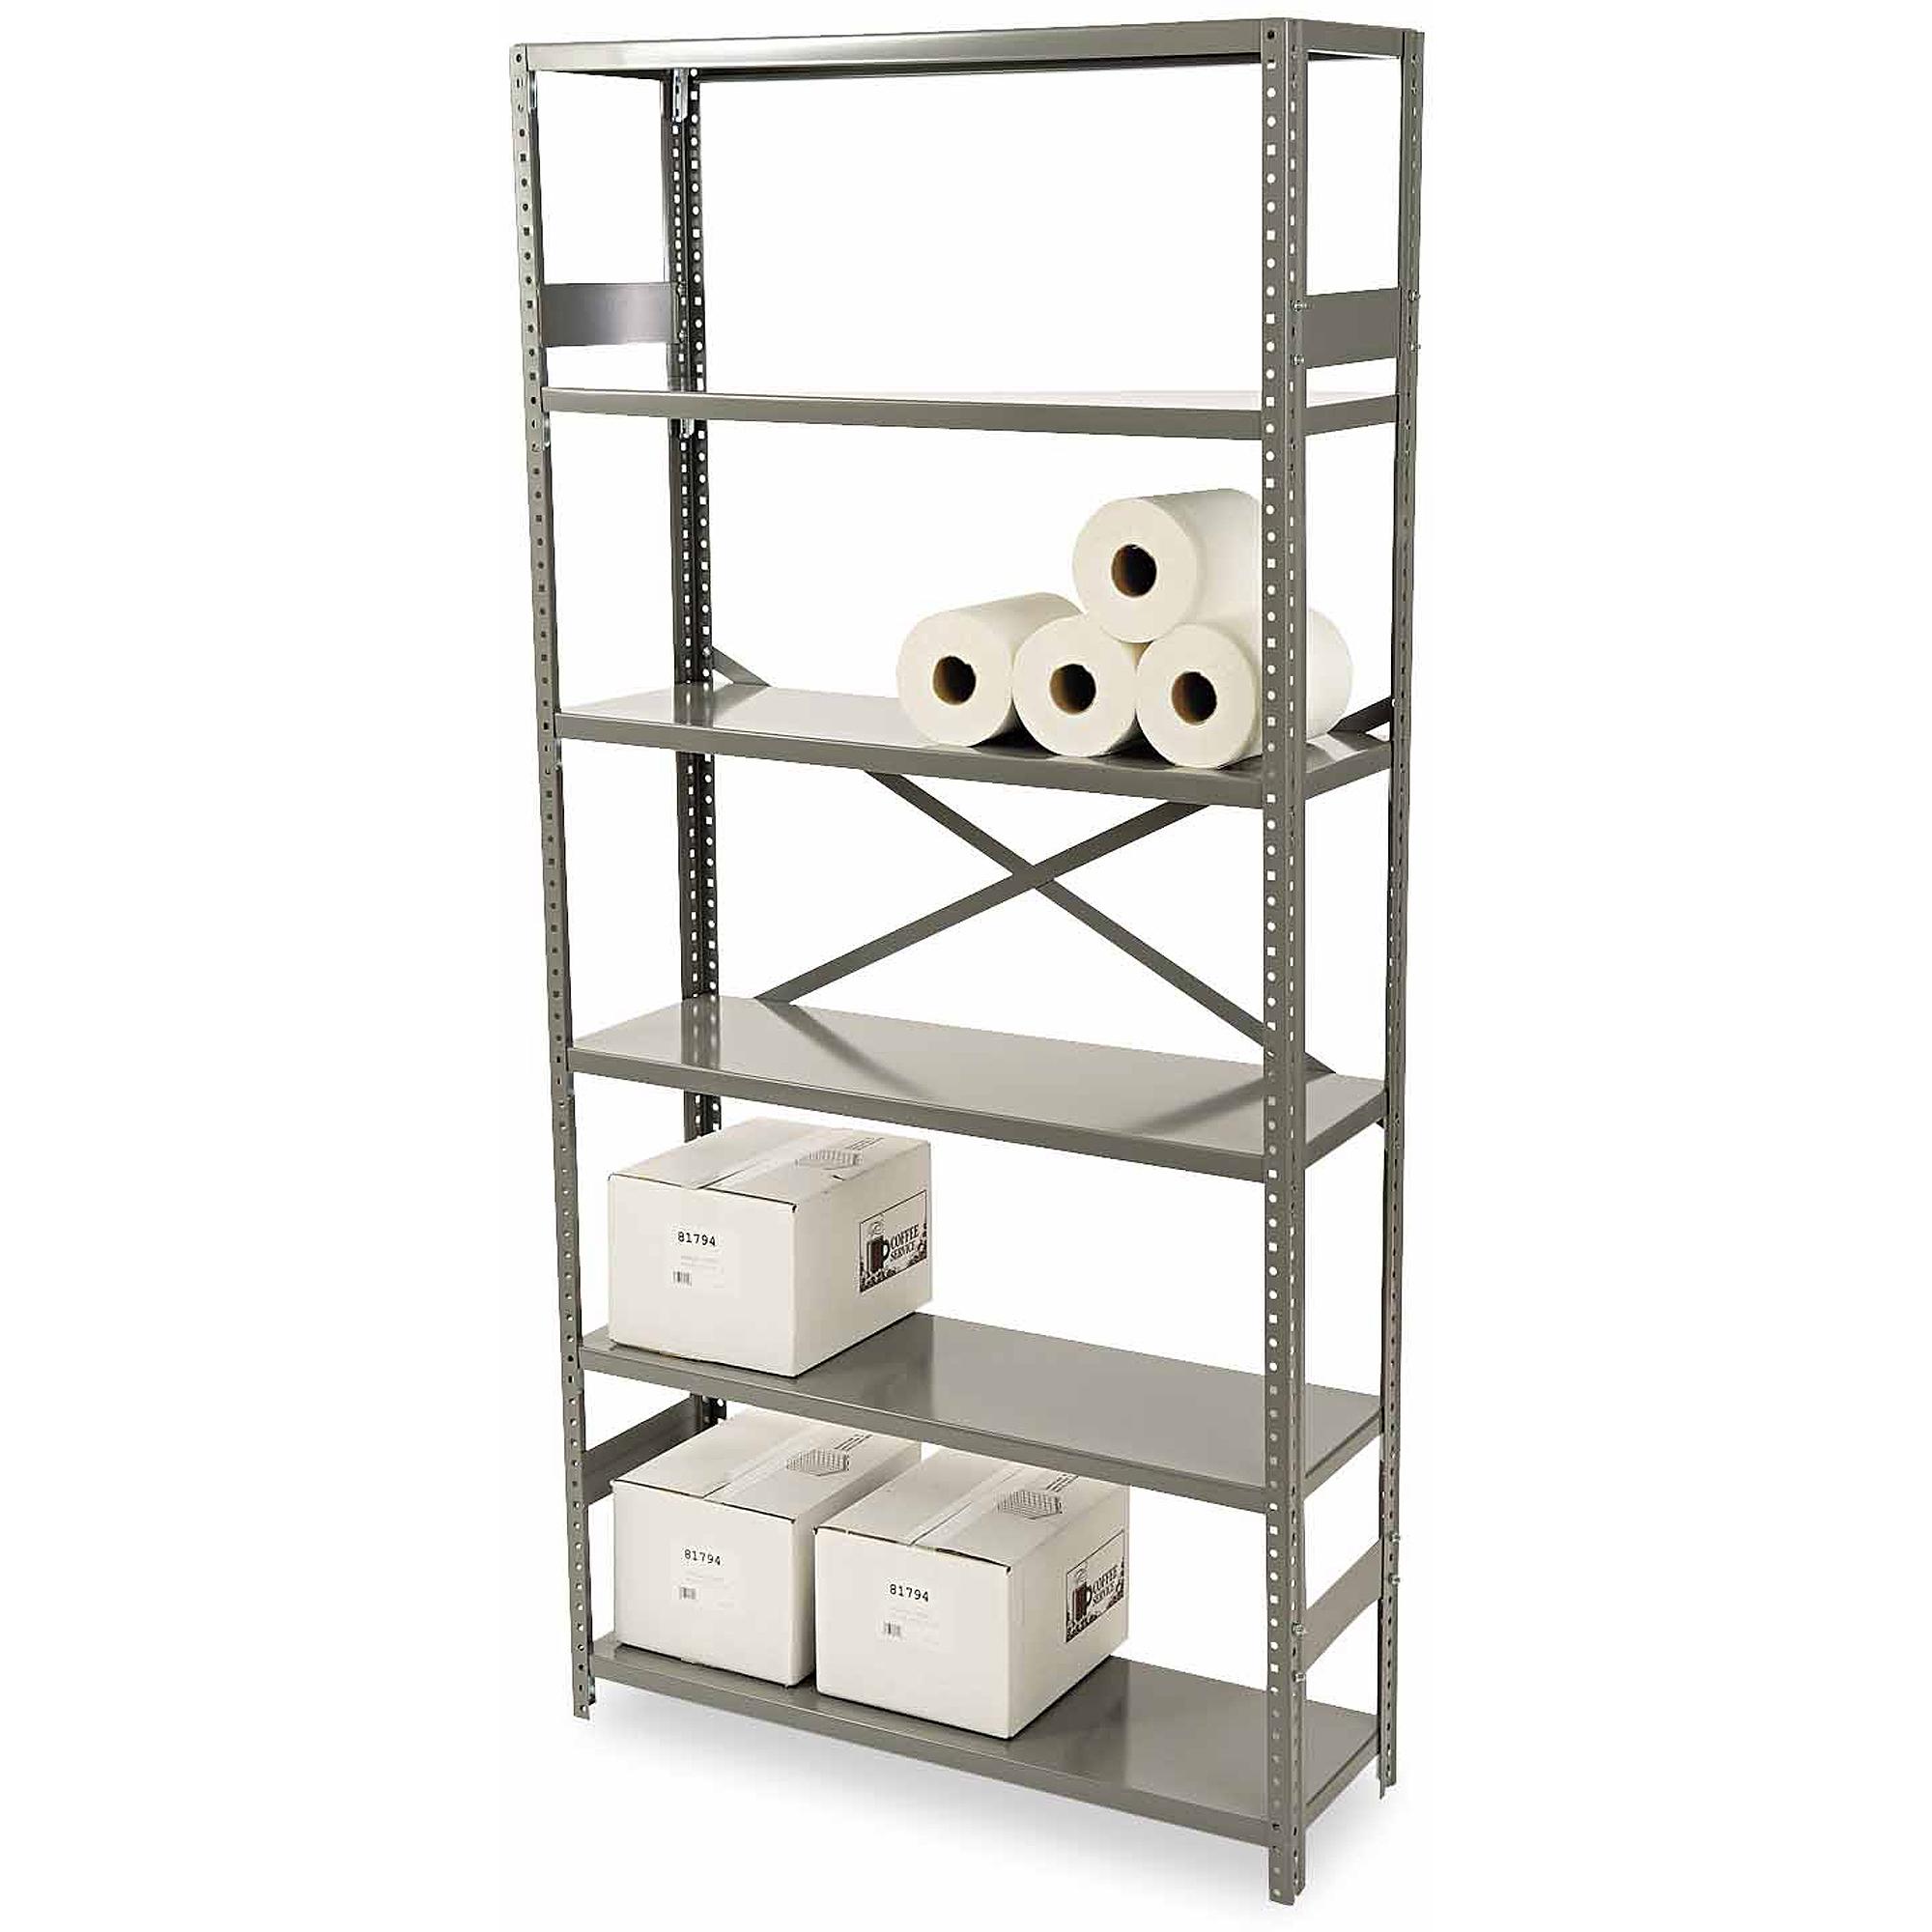 Tennsco 6-Shelf Commercial Steel Shelving, Medium Gray